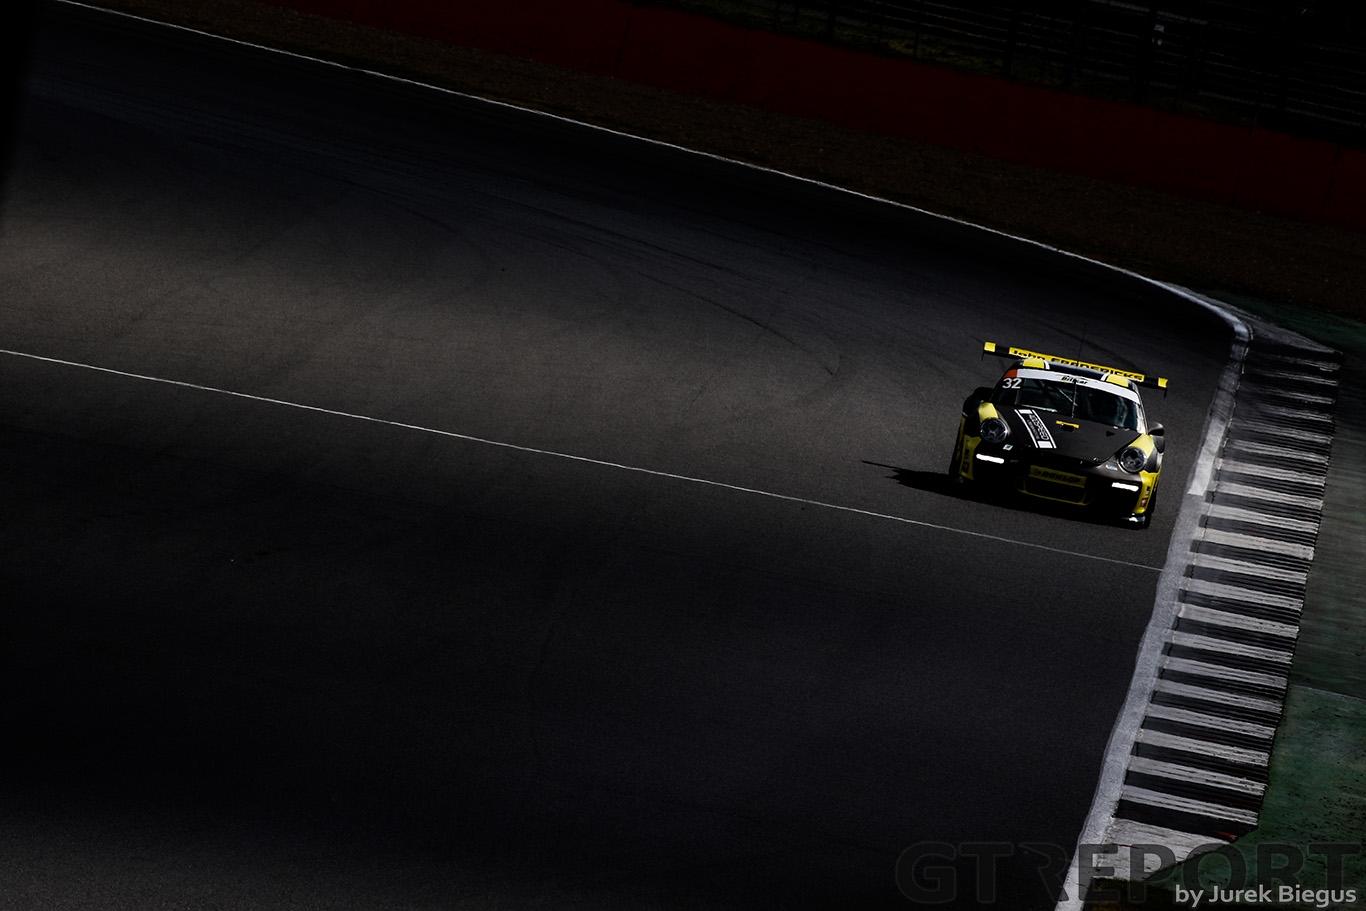 Mark Cunningham | Peter Cunningham | SG Racing | Porsche 997 Cup | Britcar Dunlop Endurance Championship, Silverstone. Photo: Jurek Biegus